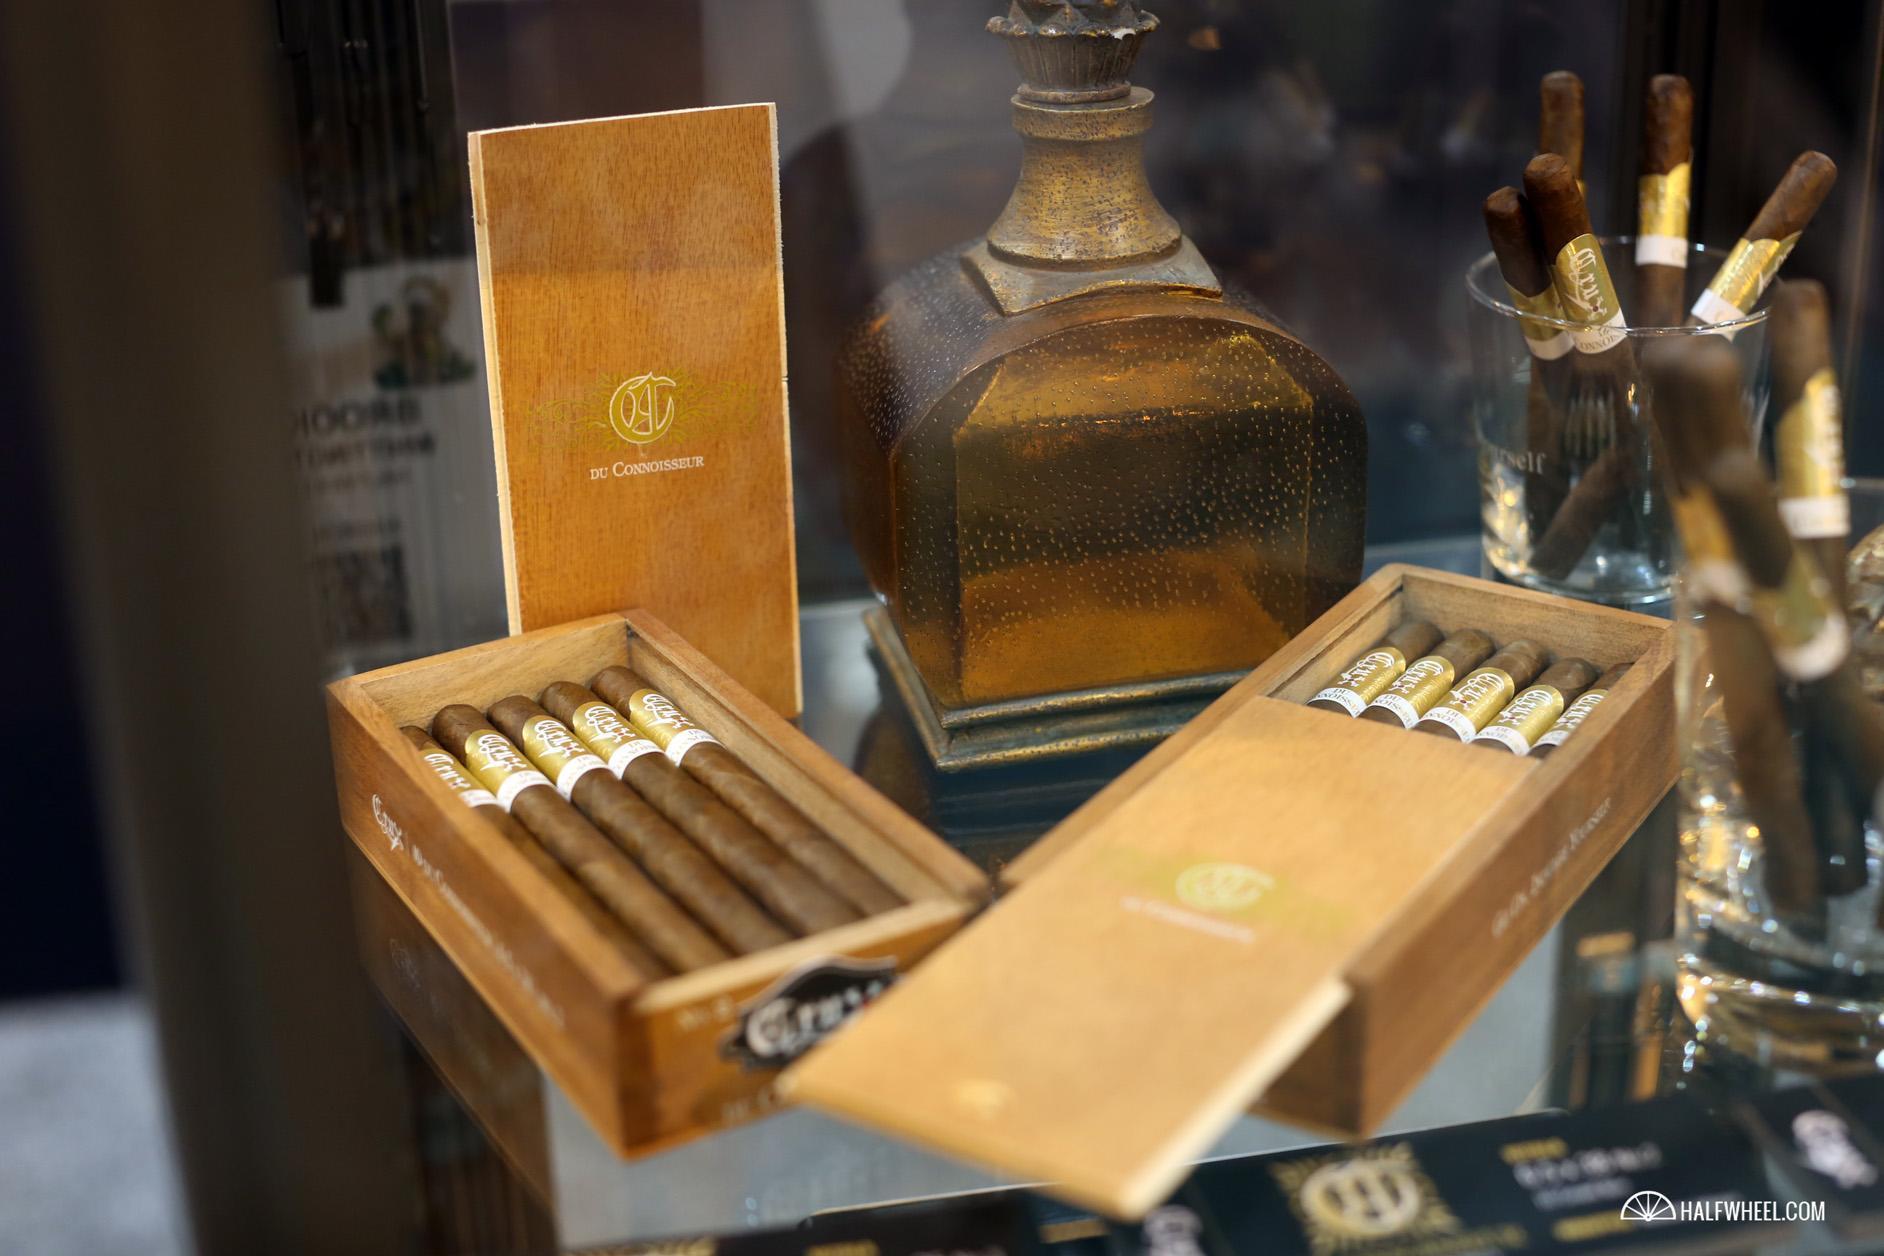 Crux Cigars du Conniesouer